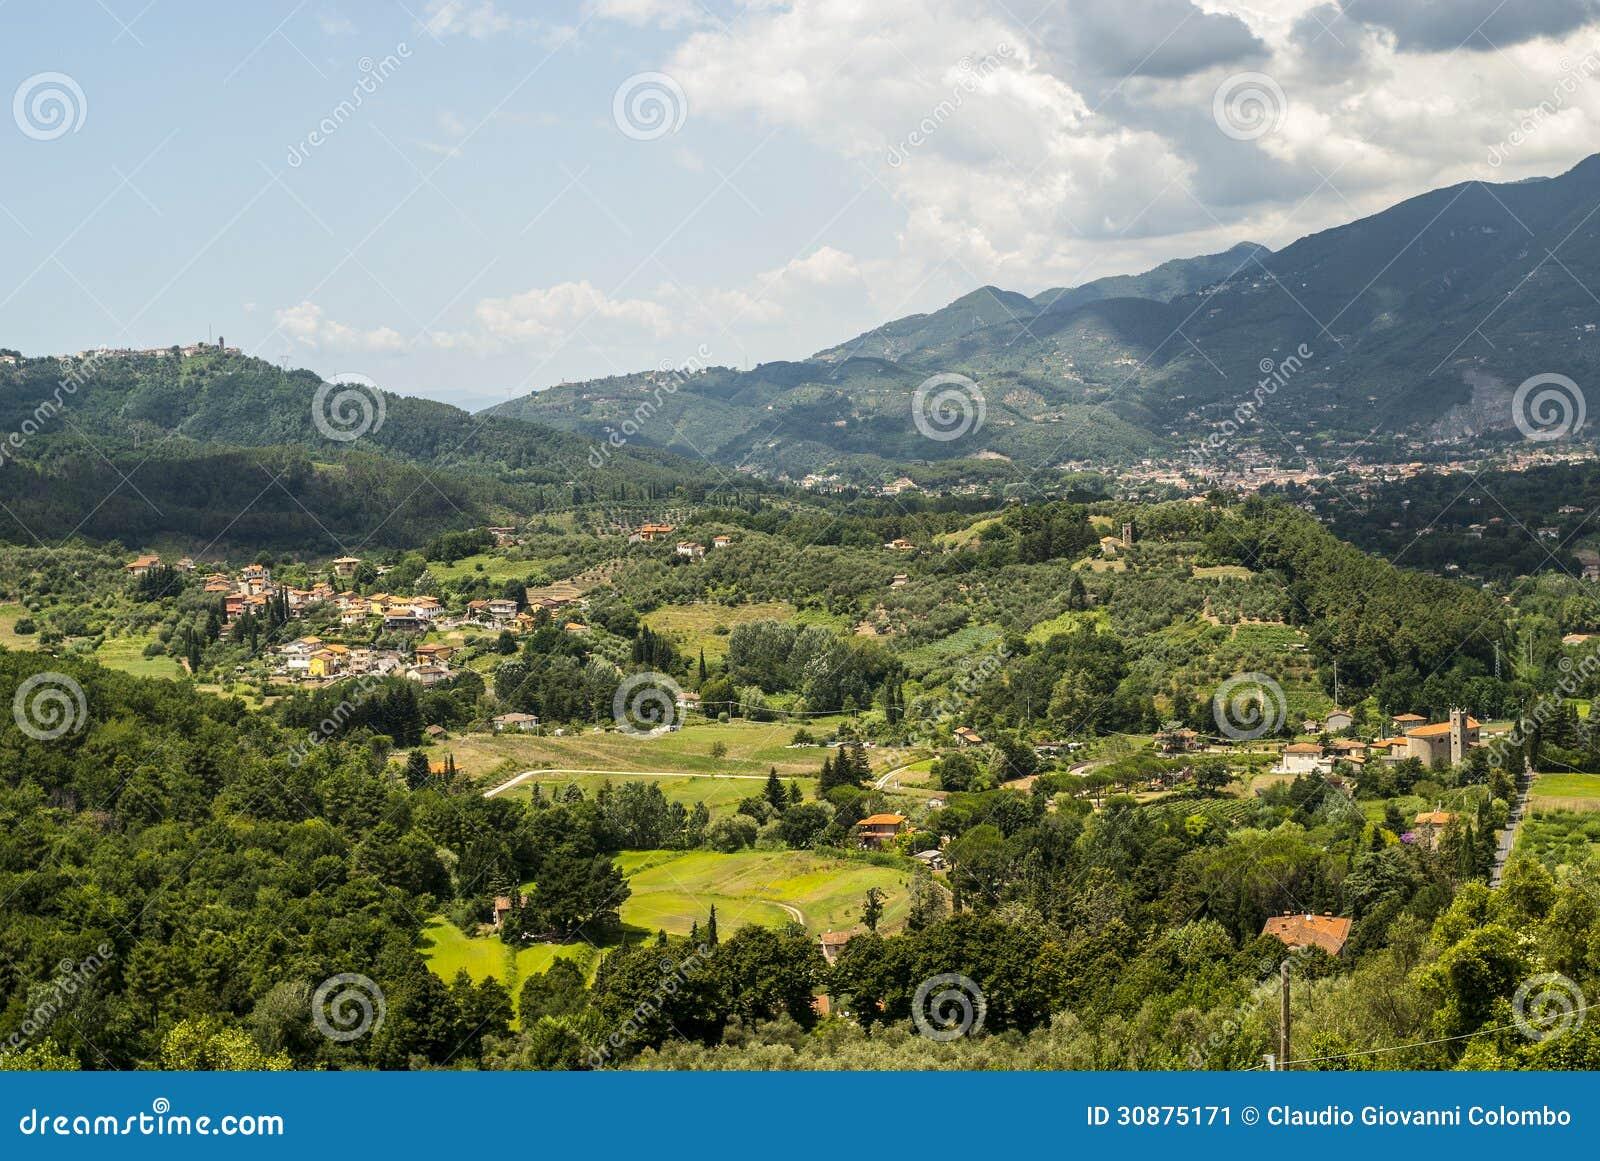 Landschaft nahe Camaiore (Toskana)